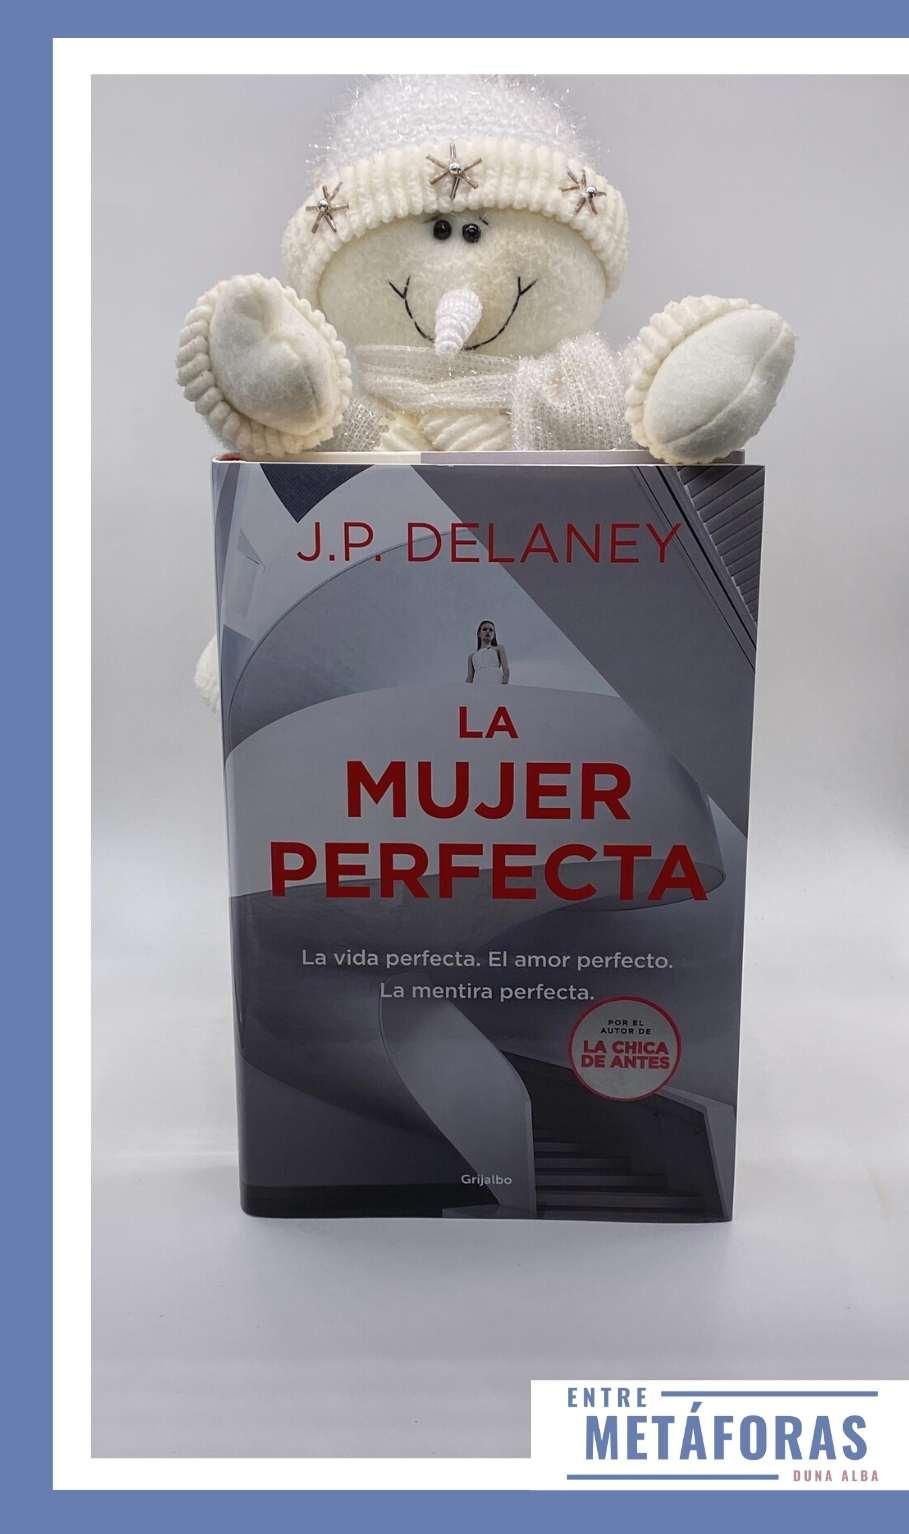 La mujer perfecta, de J.P. Delaney